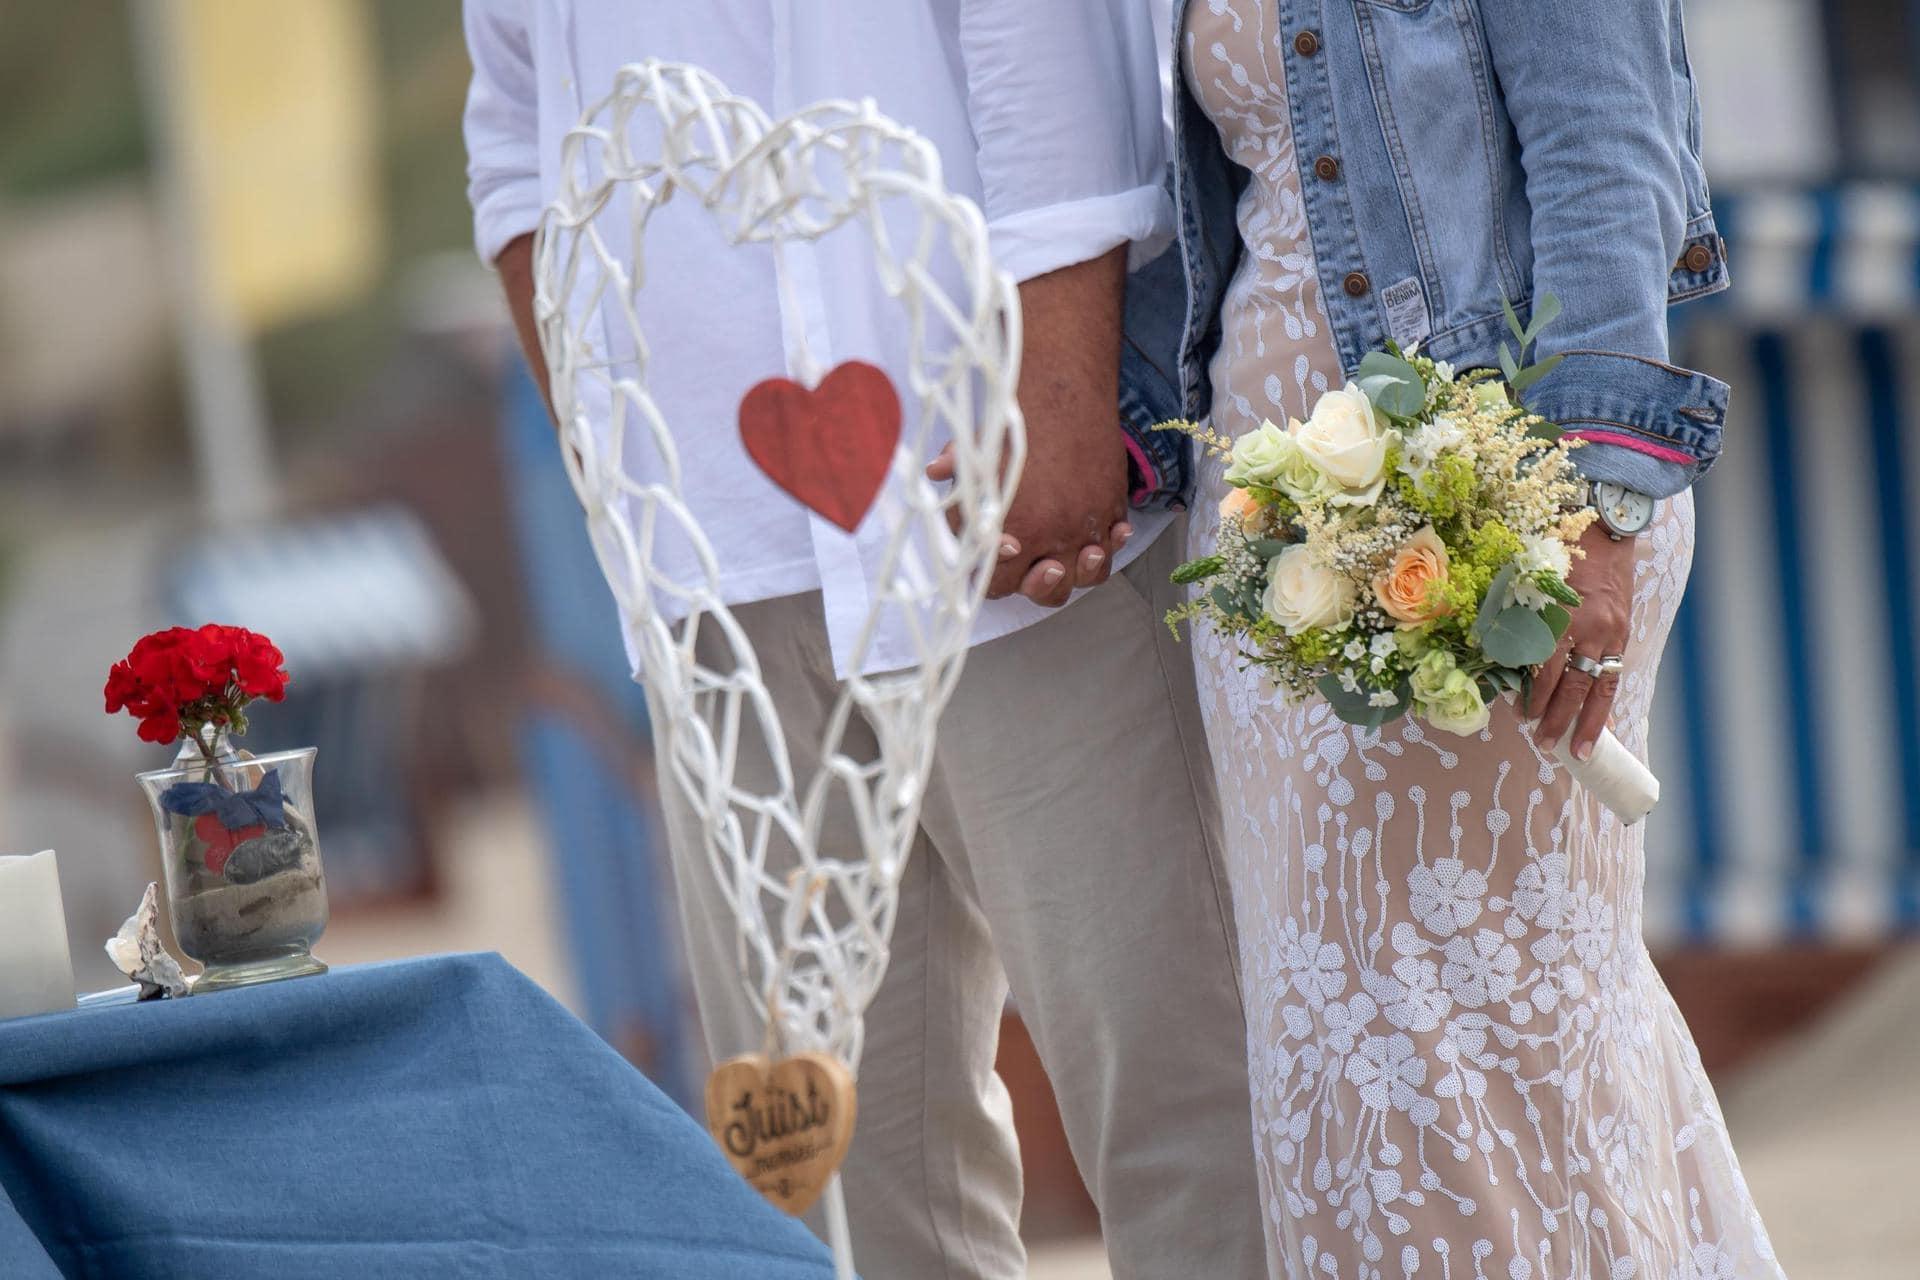 Statistik 2020: Mehr Sterbefälle, weniger Hochzeiten Statistisches Bundesamt